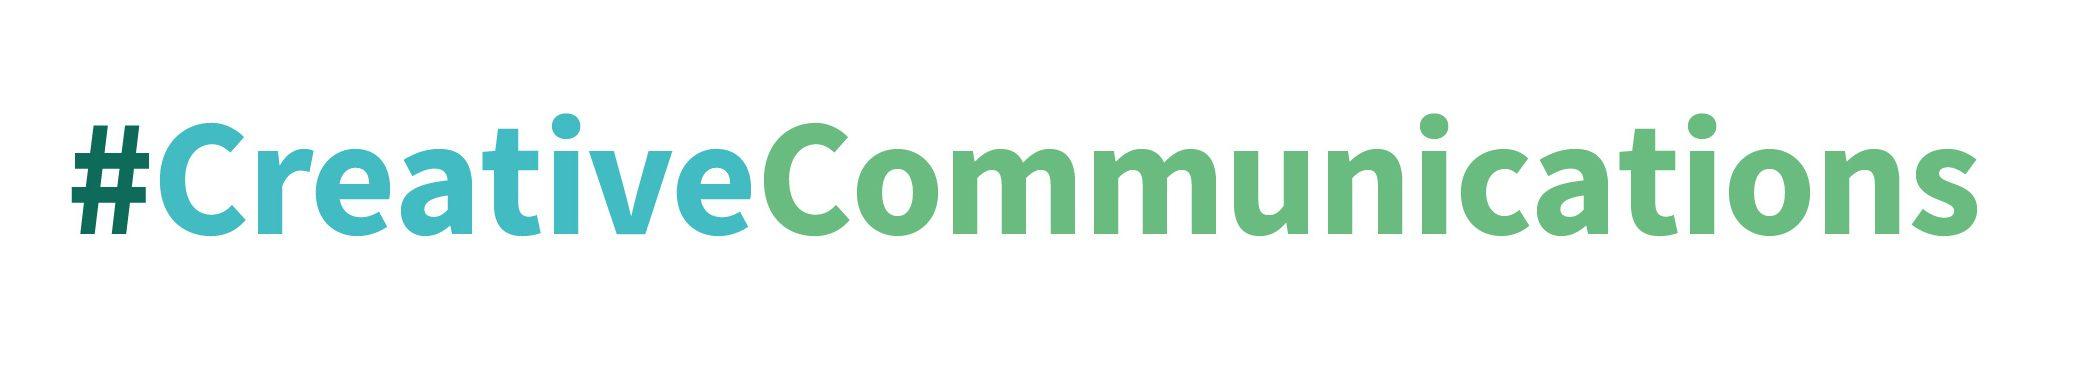 KVHcom.com